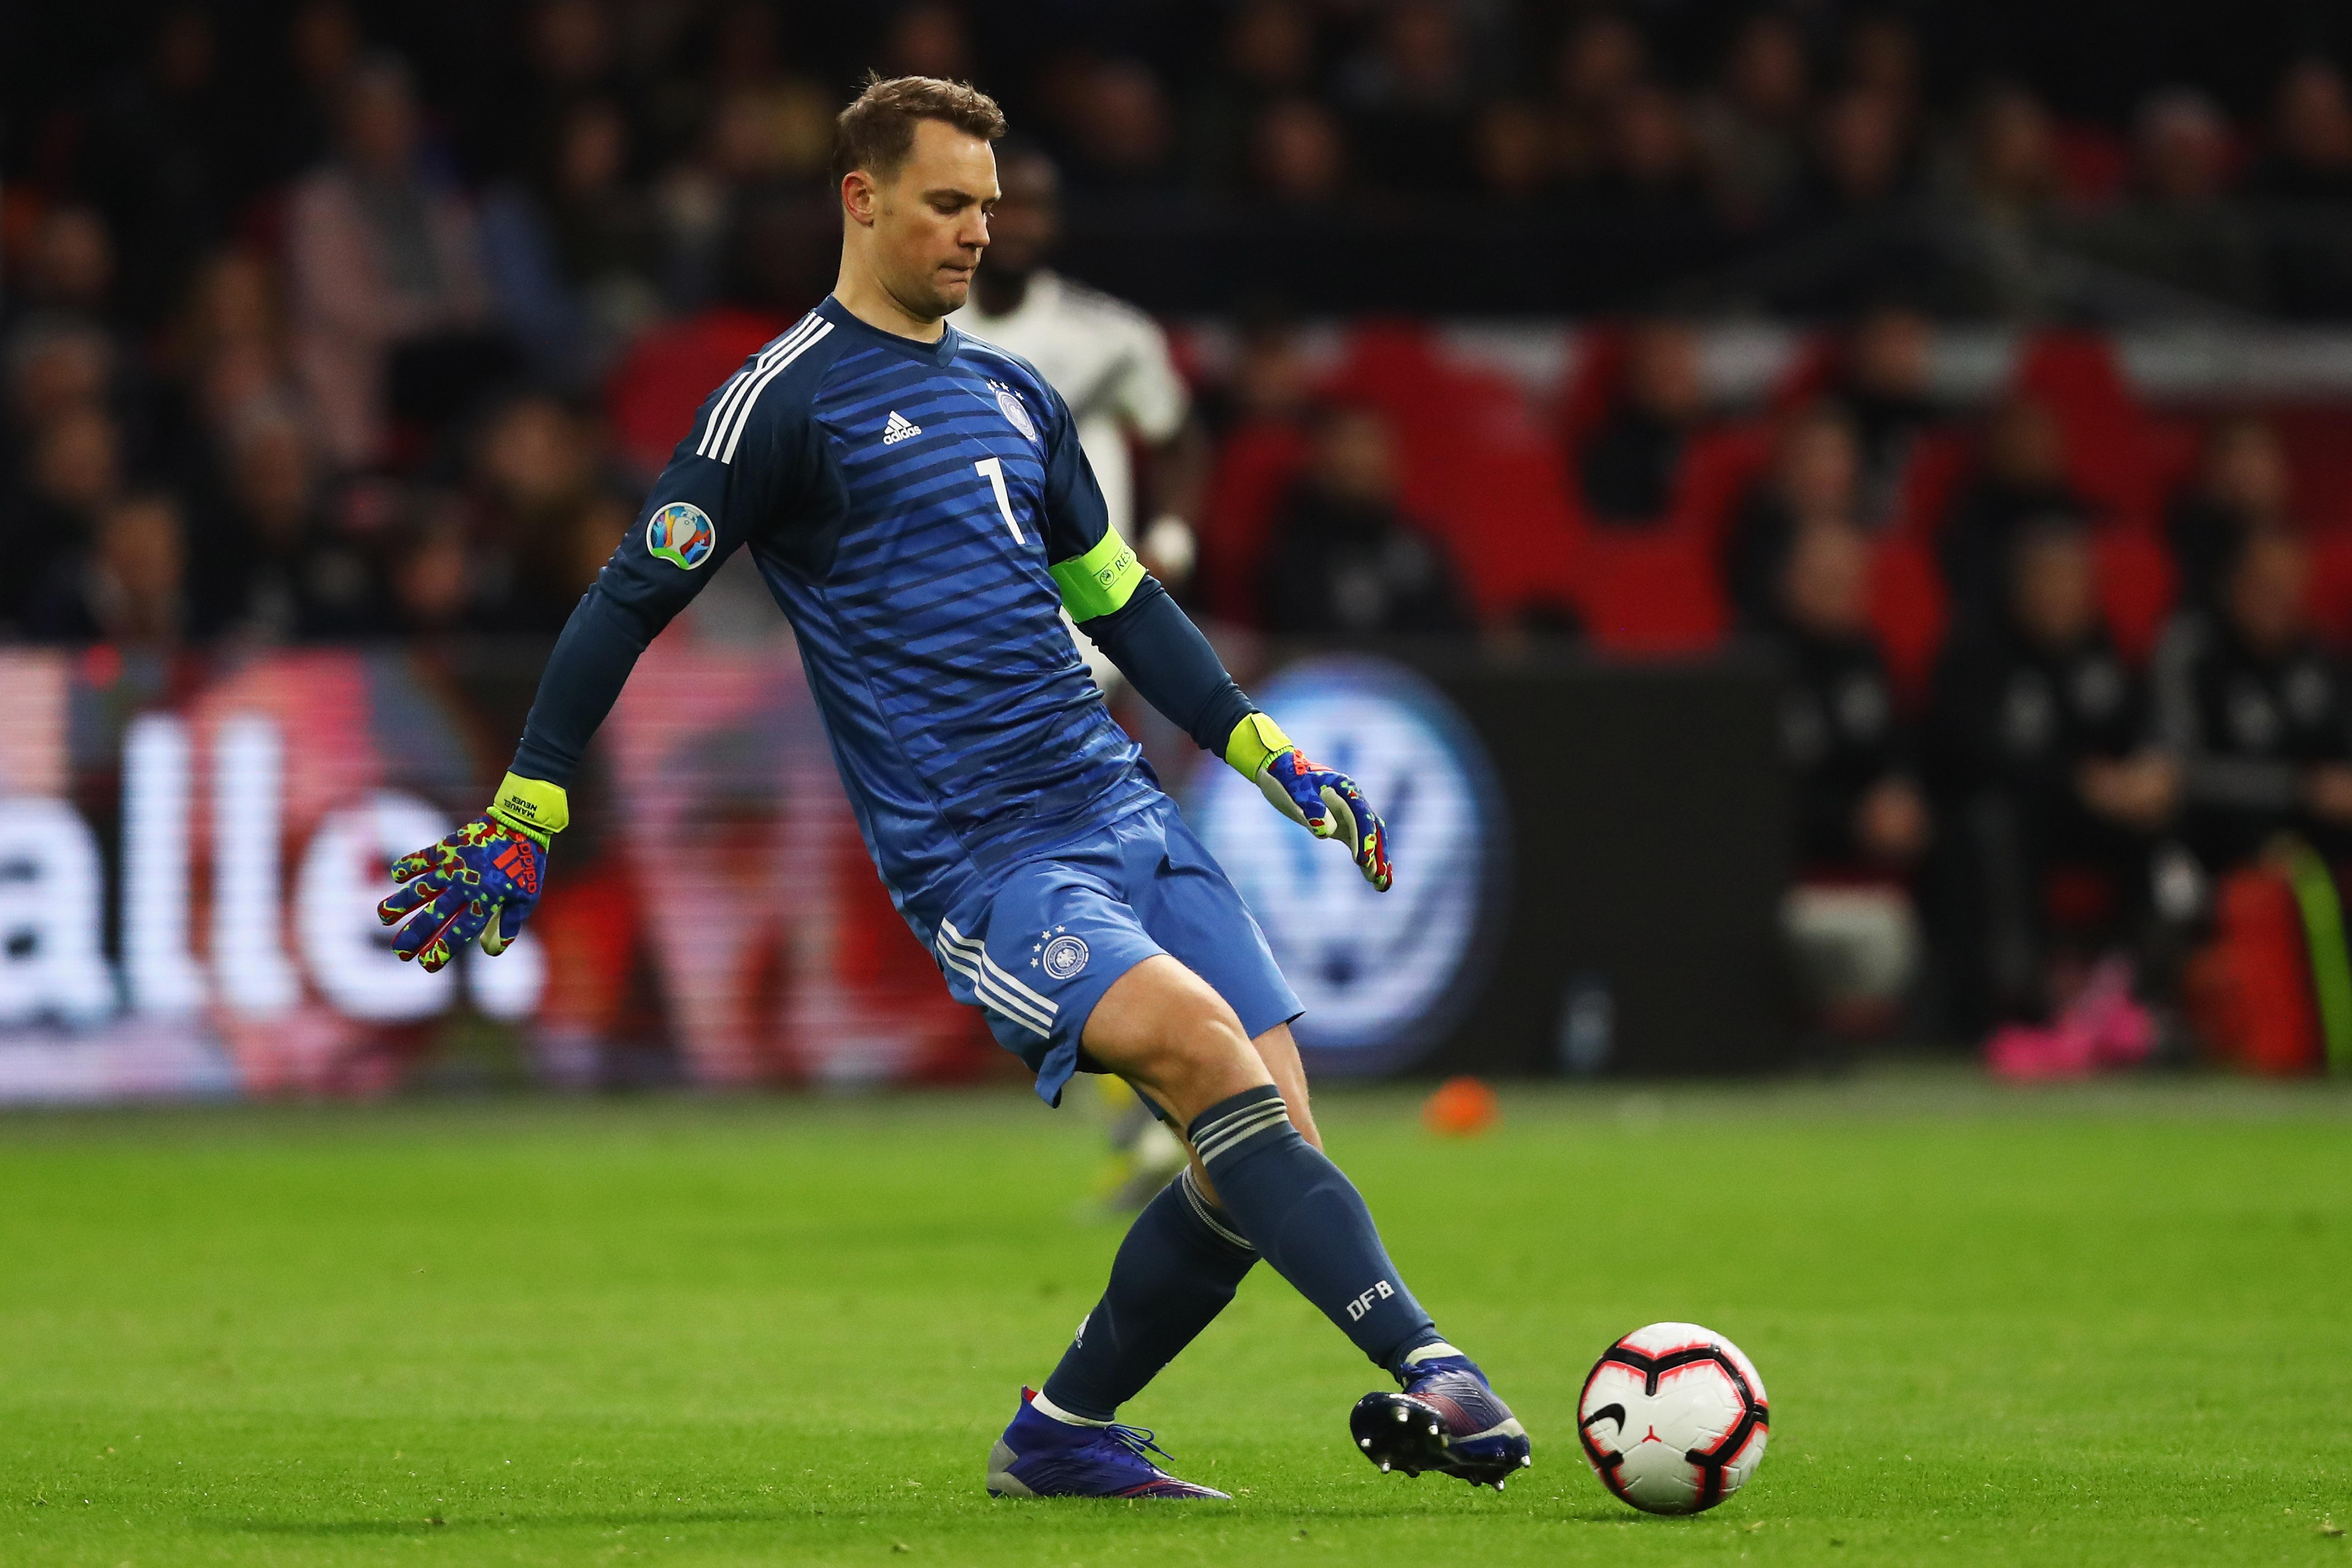 Fussball Heute Em Qualifikation Estland Deutschland Im